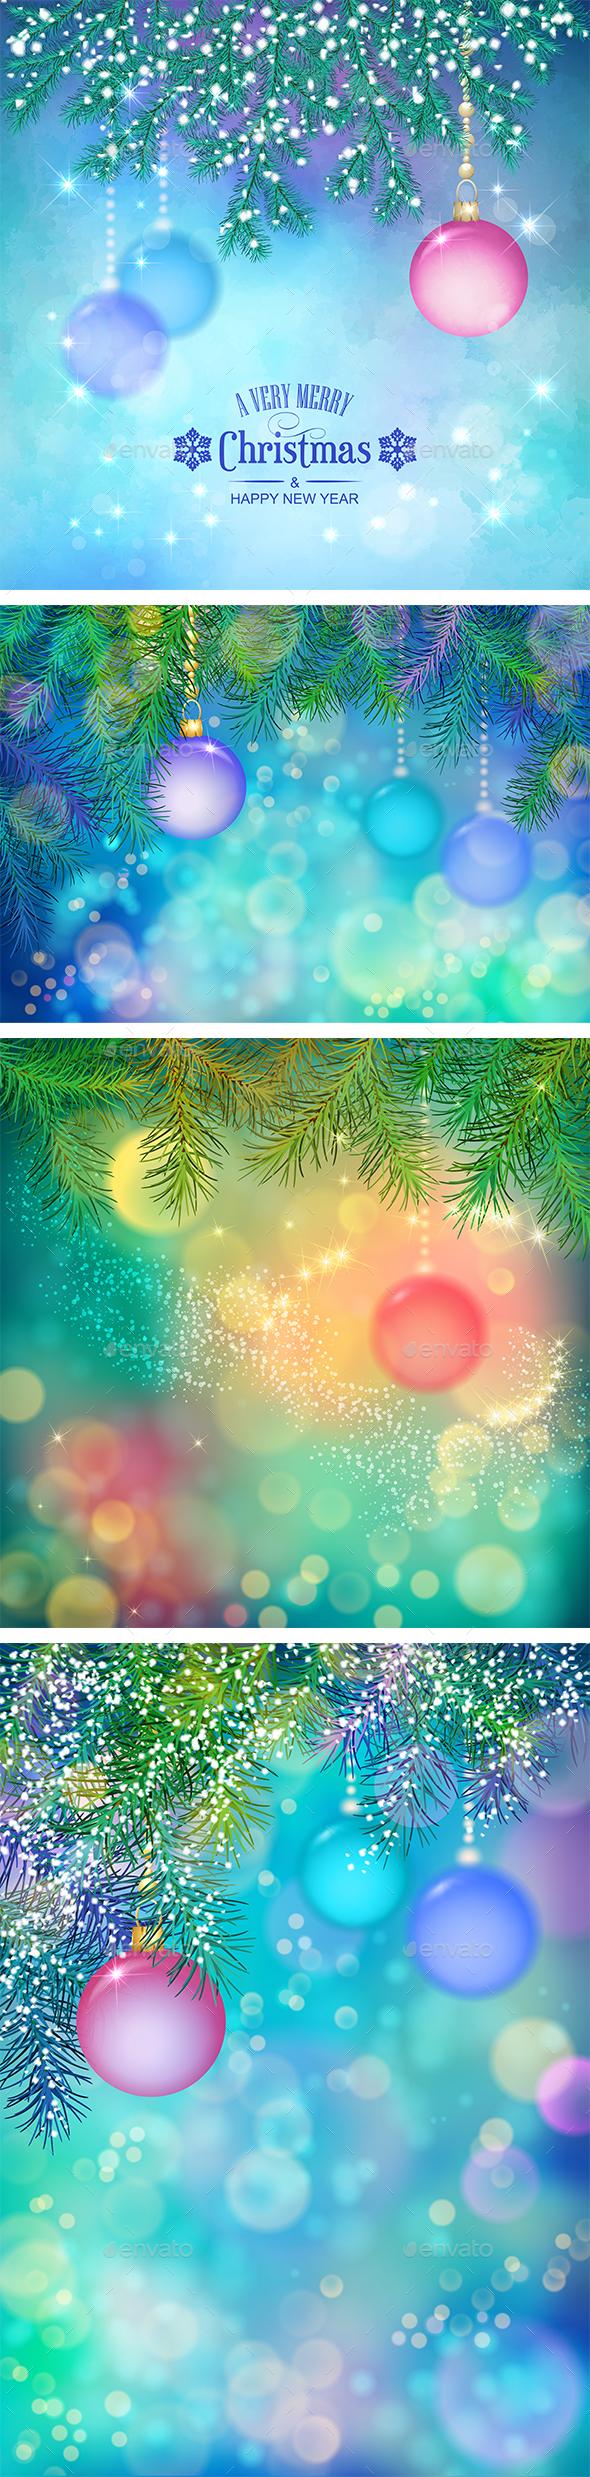 Vector Christmas Background - Christmas Seasons/Holidays